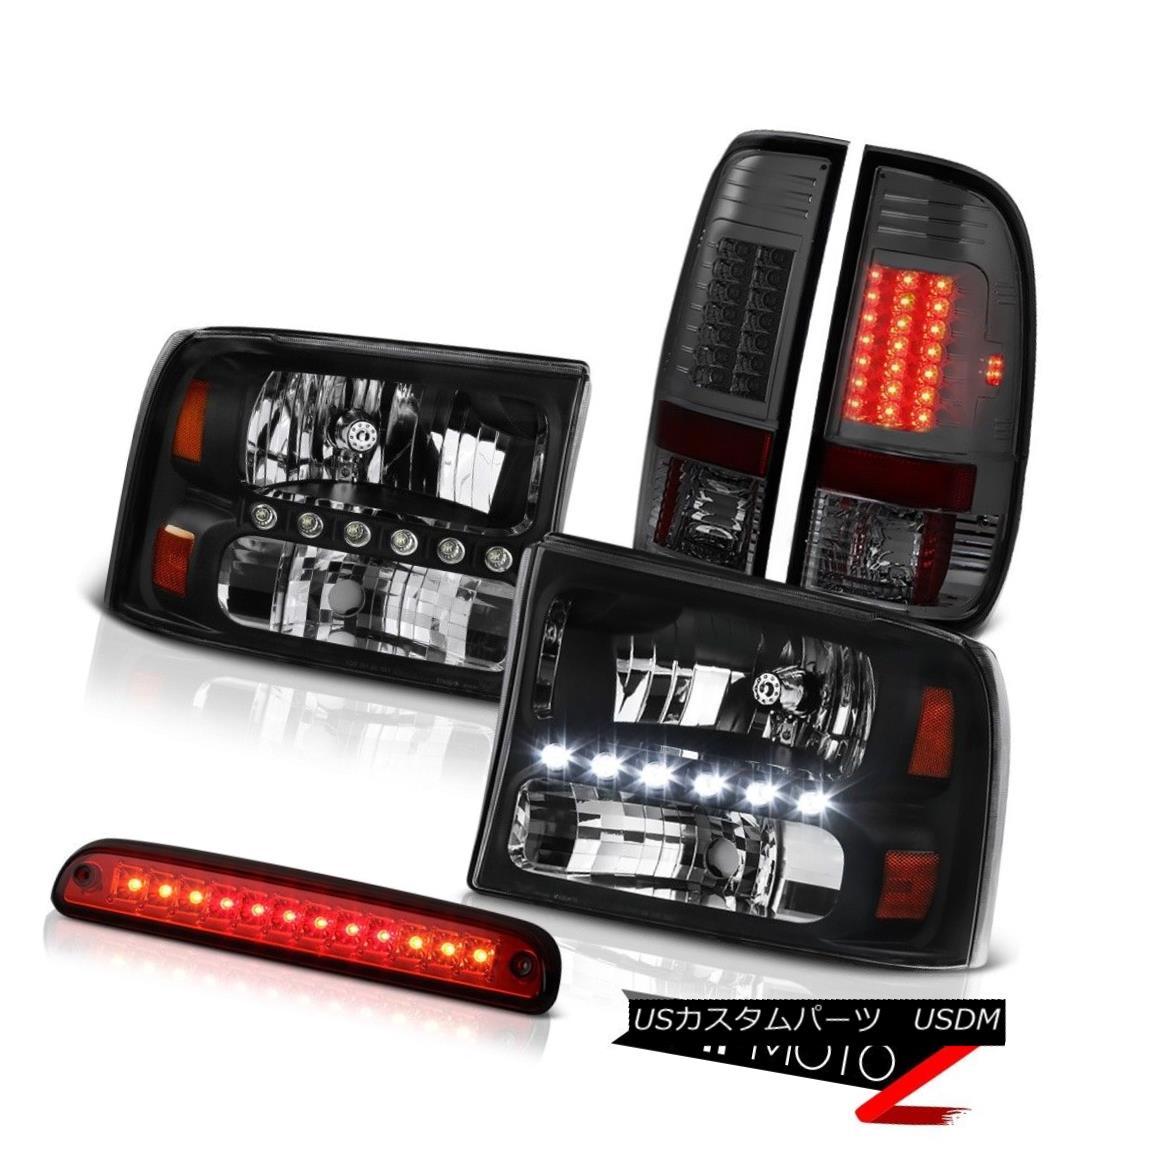 ヘッドライト Black Headlamps High Brake Cargo LED Tinted Lights 99-04 F250 Harley Davidson ブラックヘッドランプハイブレーキカーゴLEDトライトライト99-04 F250ハーレーダビッドソン